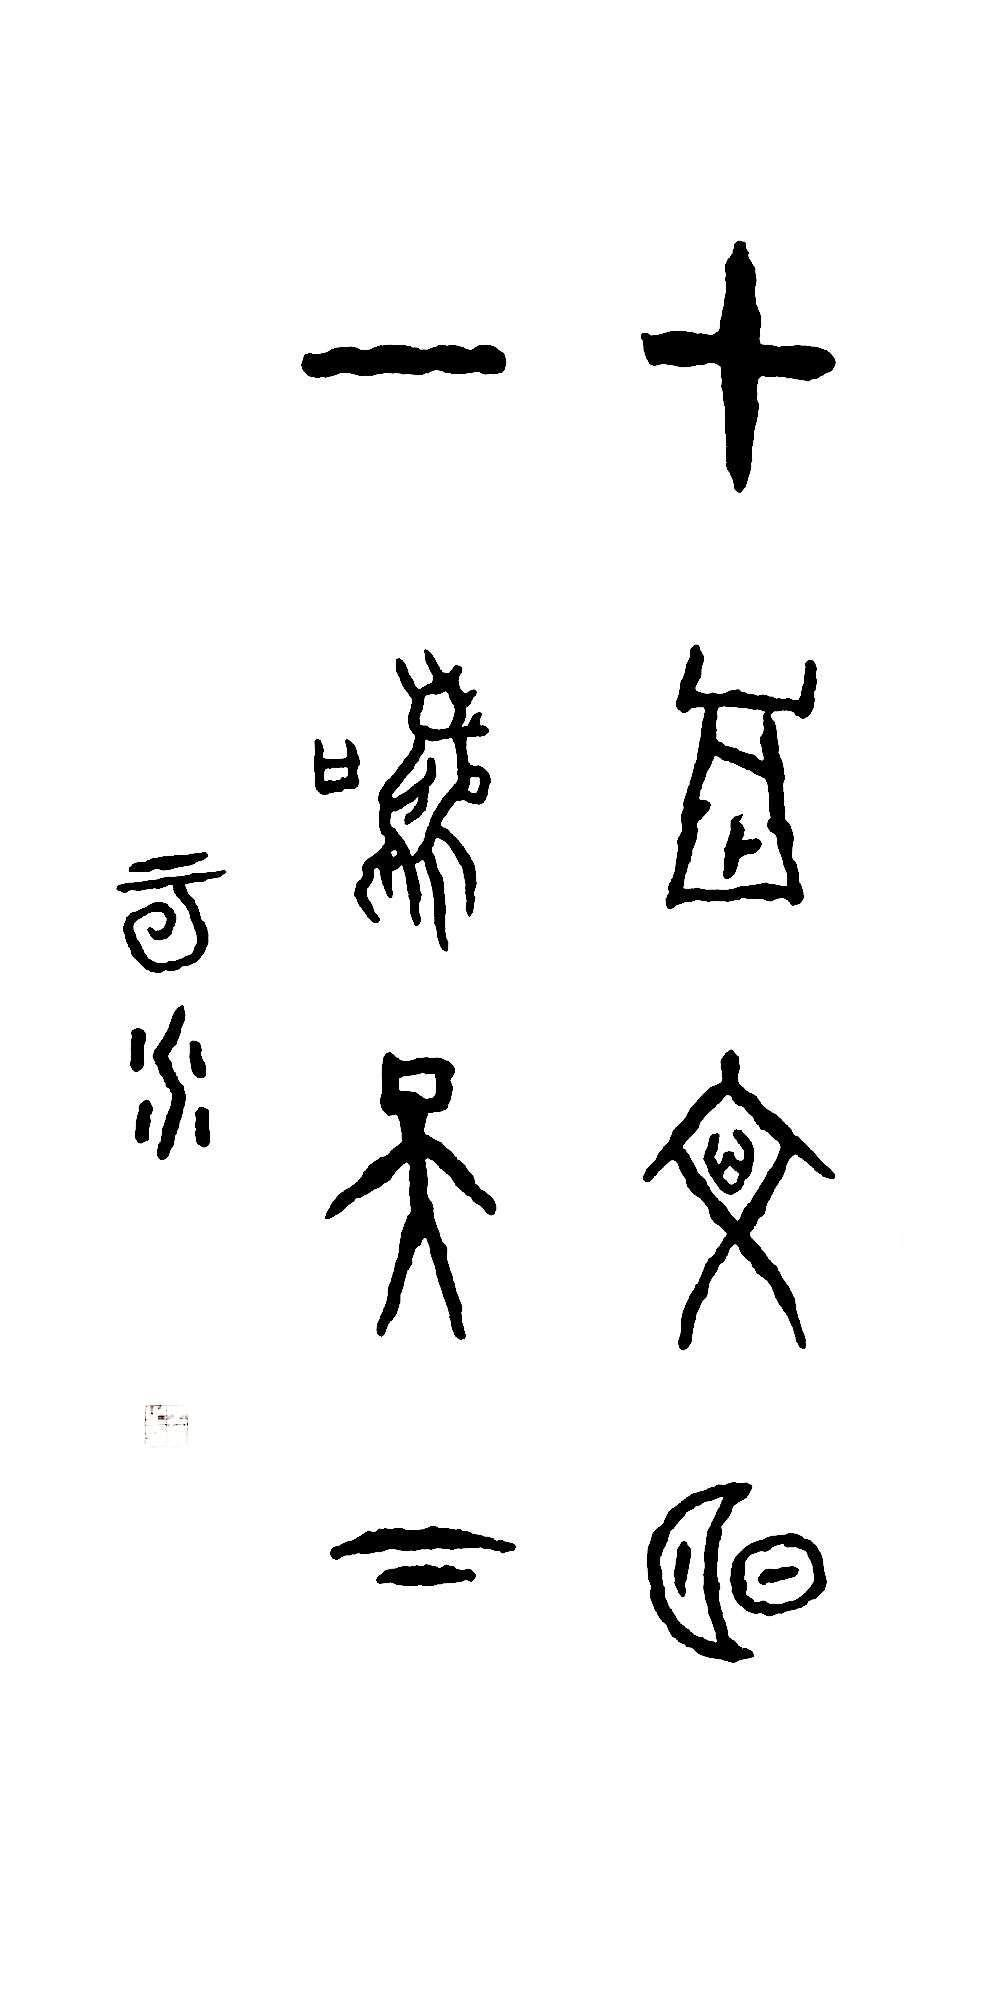 王茵甲骨文书法作品字库上线新闻发布会在北京泰文楼美术馆召开